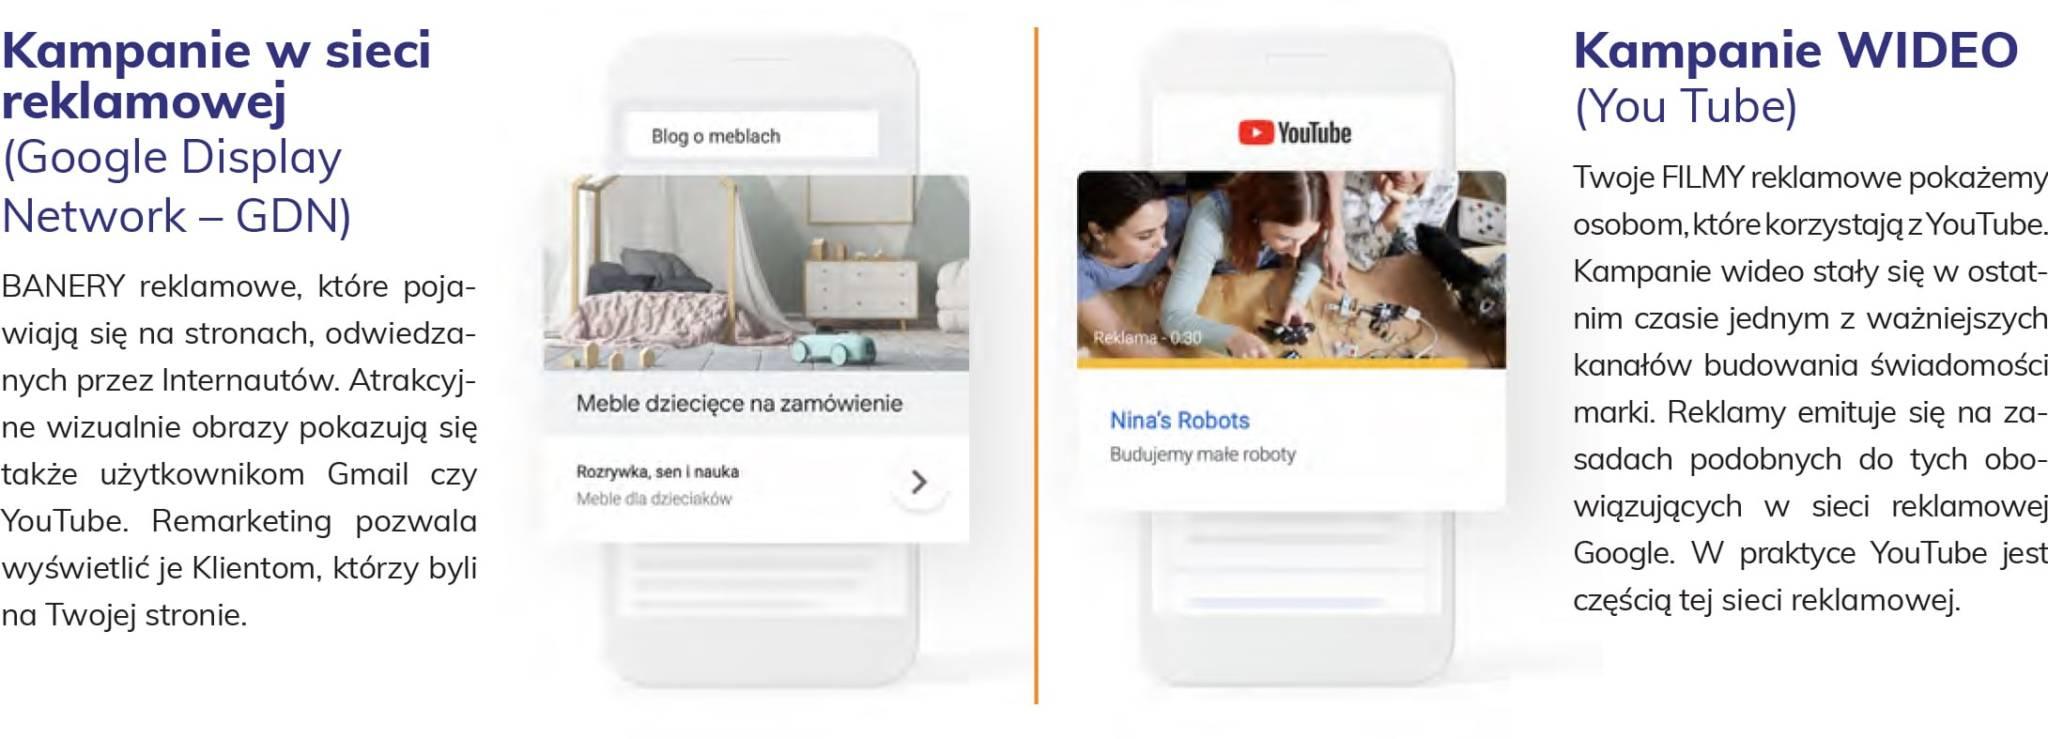 Charakterystyka kampanii w sieci reklamowej i i wideo